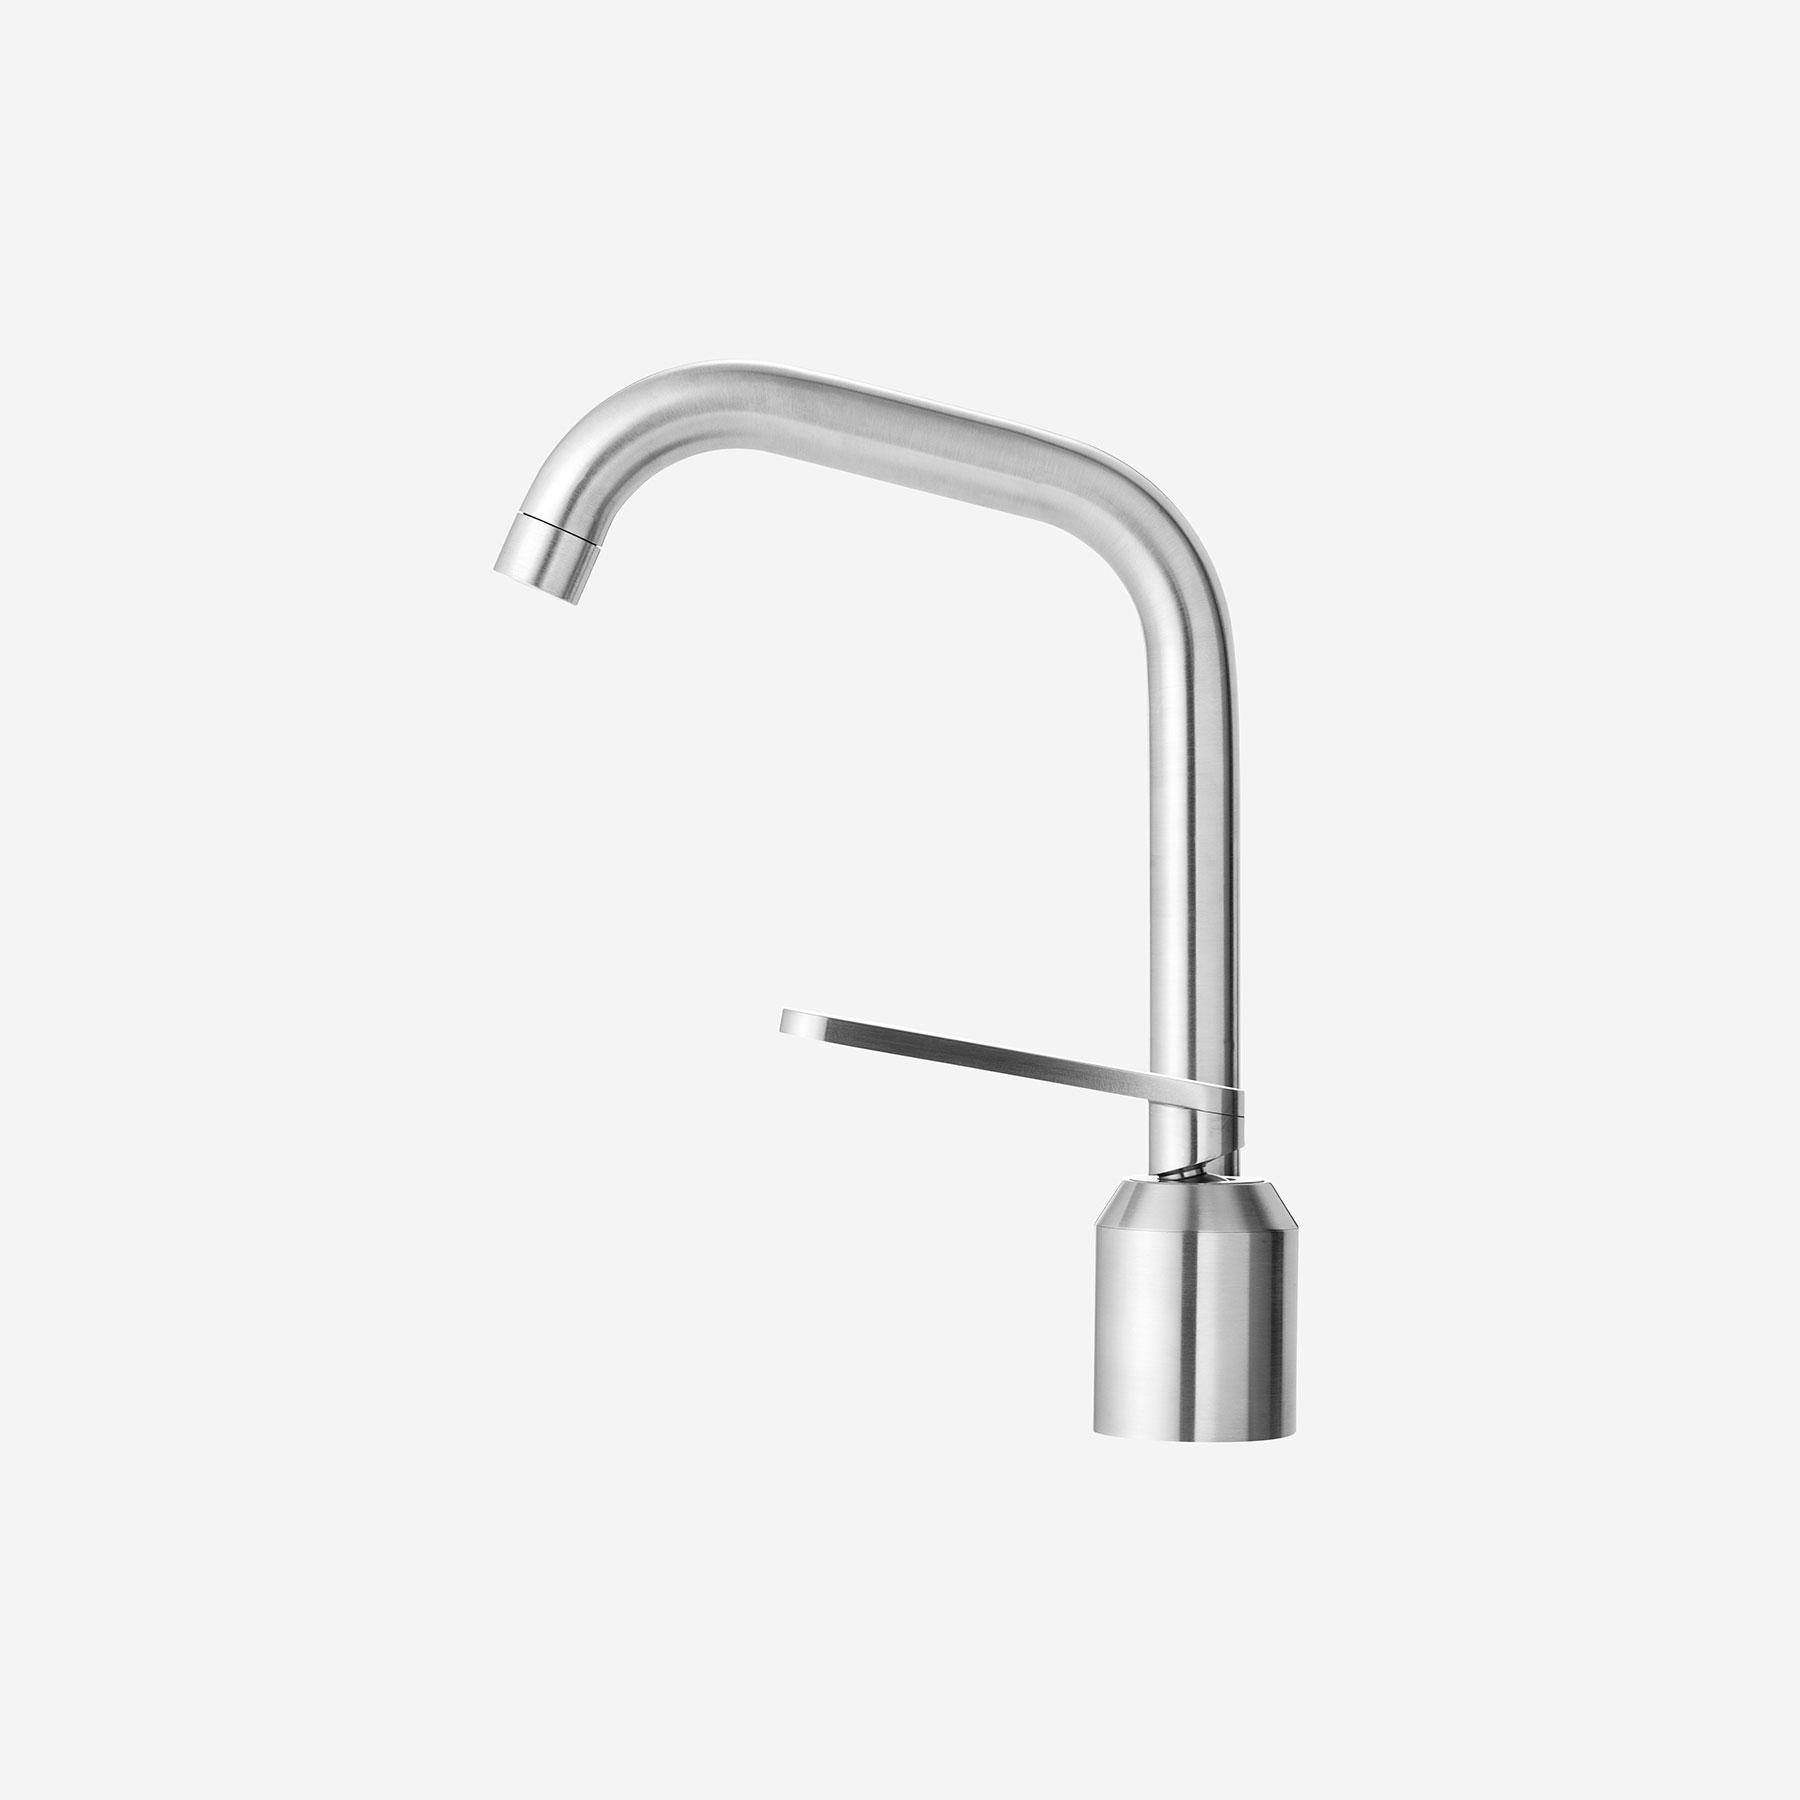 Bathroom tap | vipp.com